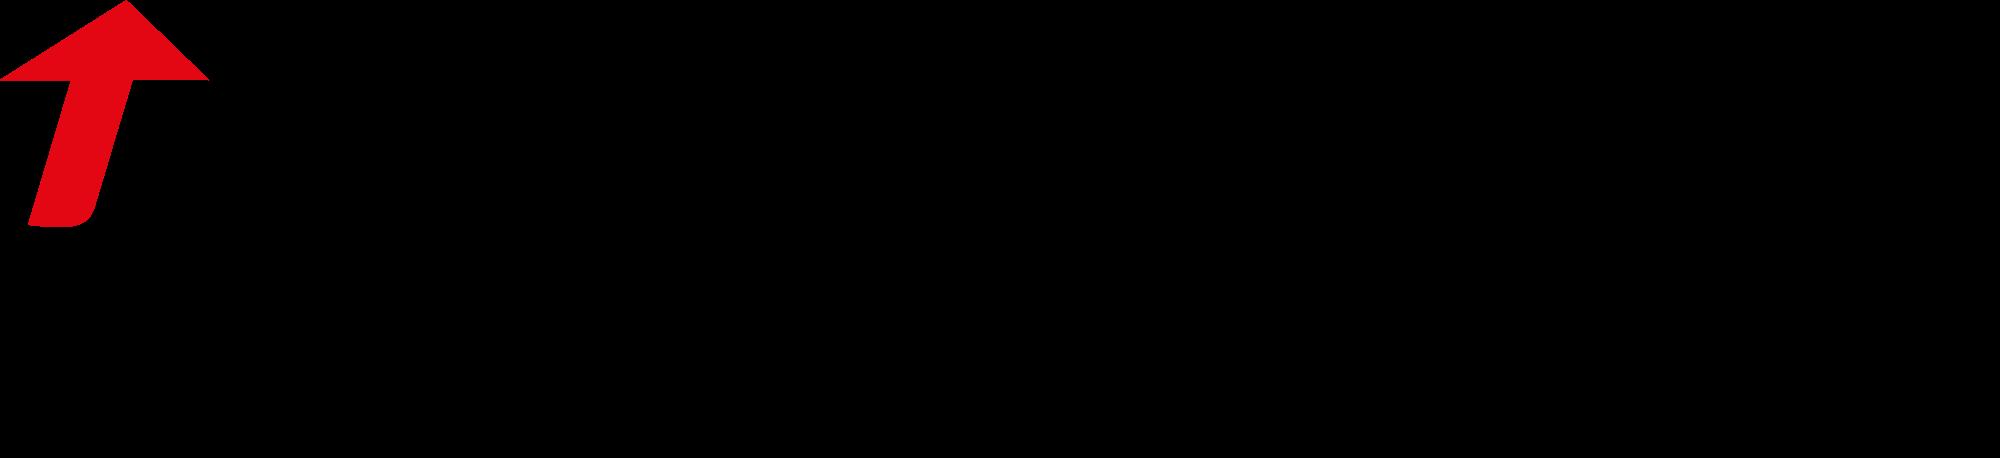 logo_jungheinrich